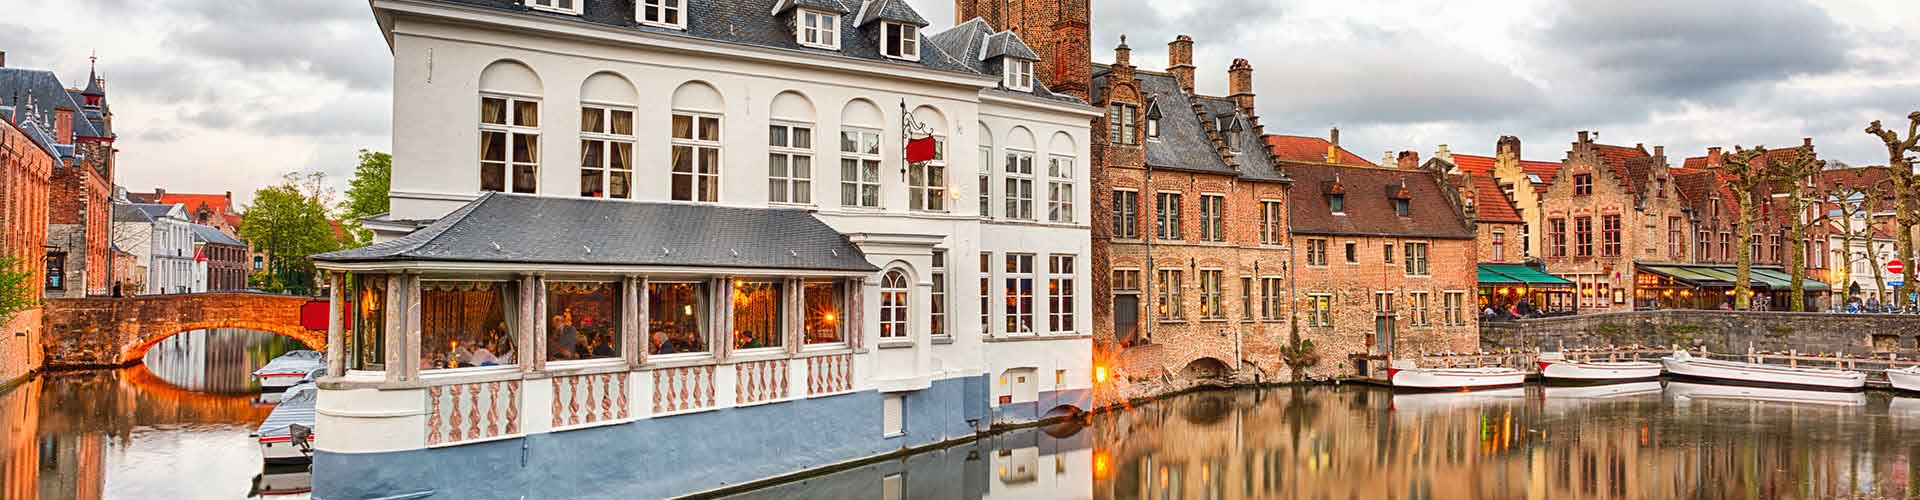 Bruges - Appartements près de City Center. Cartes pour Bruges, photos et commentaires pour chaque appartement à Bruges.